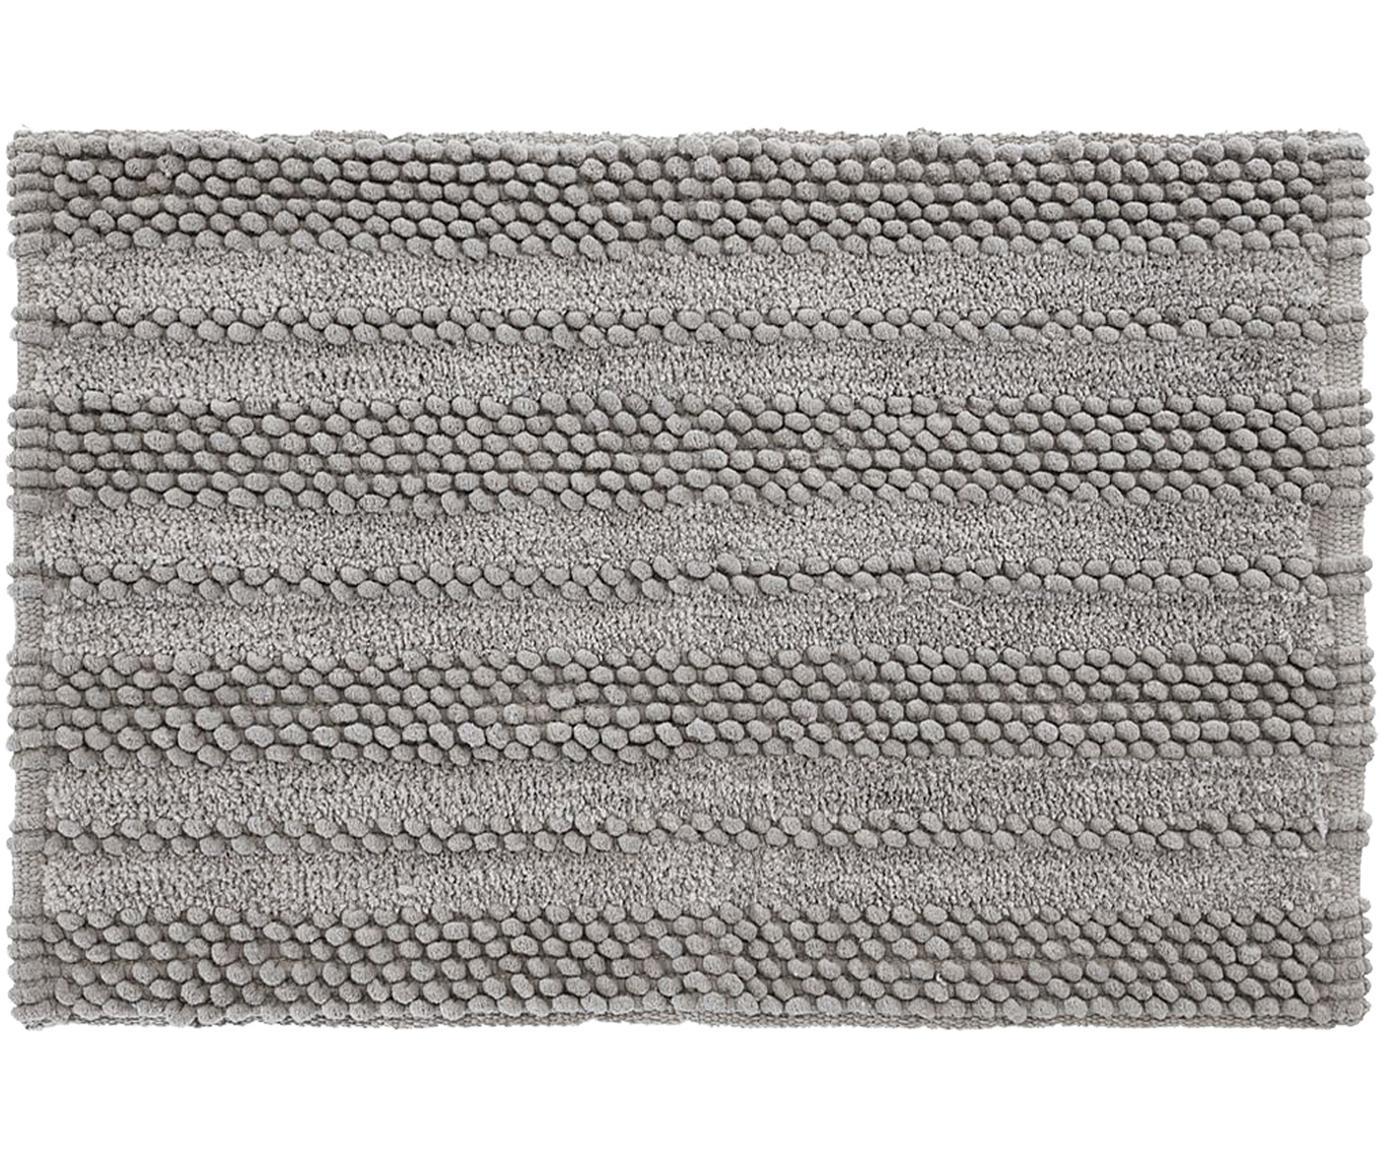 Dywanik łazienkowy z  wysokim stosem Nea, 65% kordonek, 35% bawełna, Szary, S 80 x D 120 cm